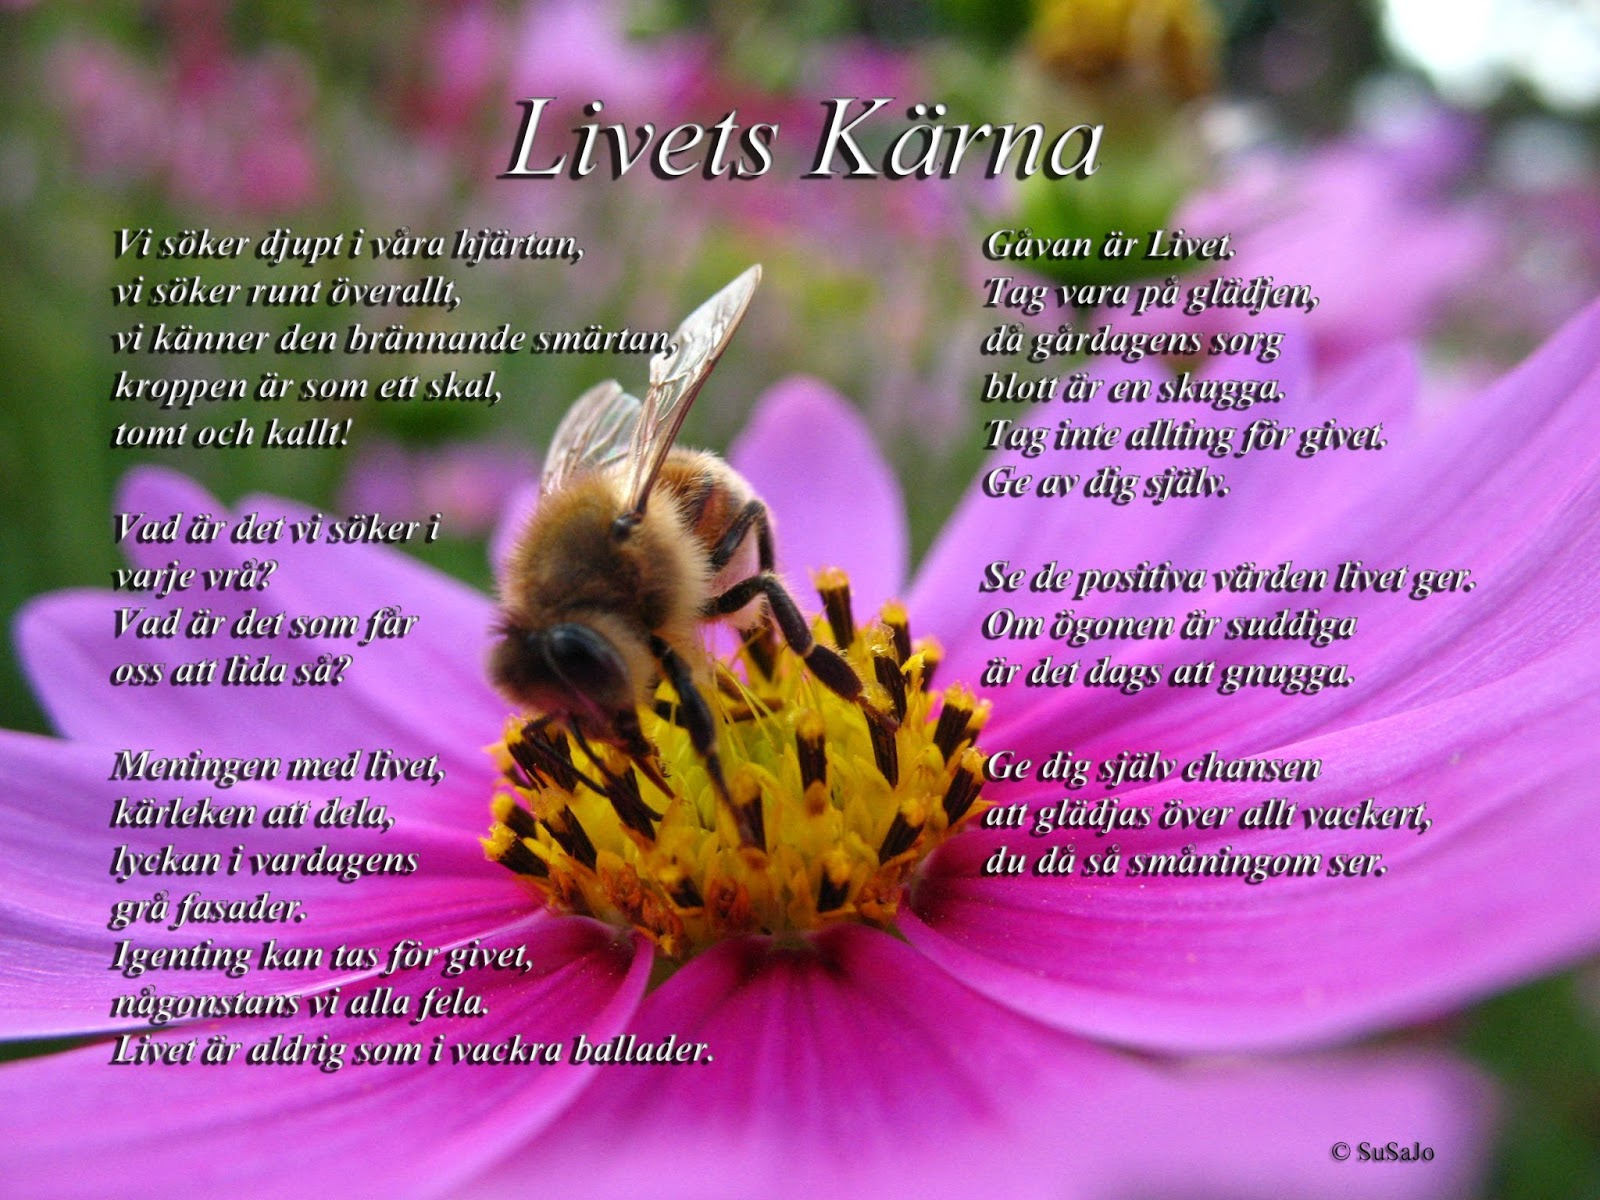 1 år tillsammans dikt Susens tankar: Susens Dikter 1: Livets Kärna 1 år tillsammans dikt